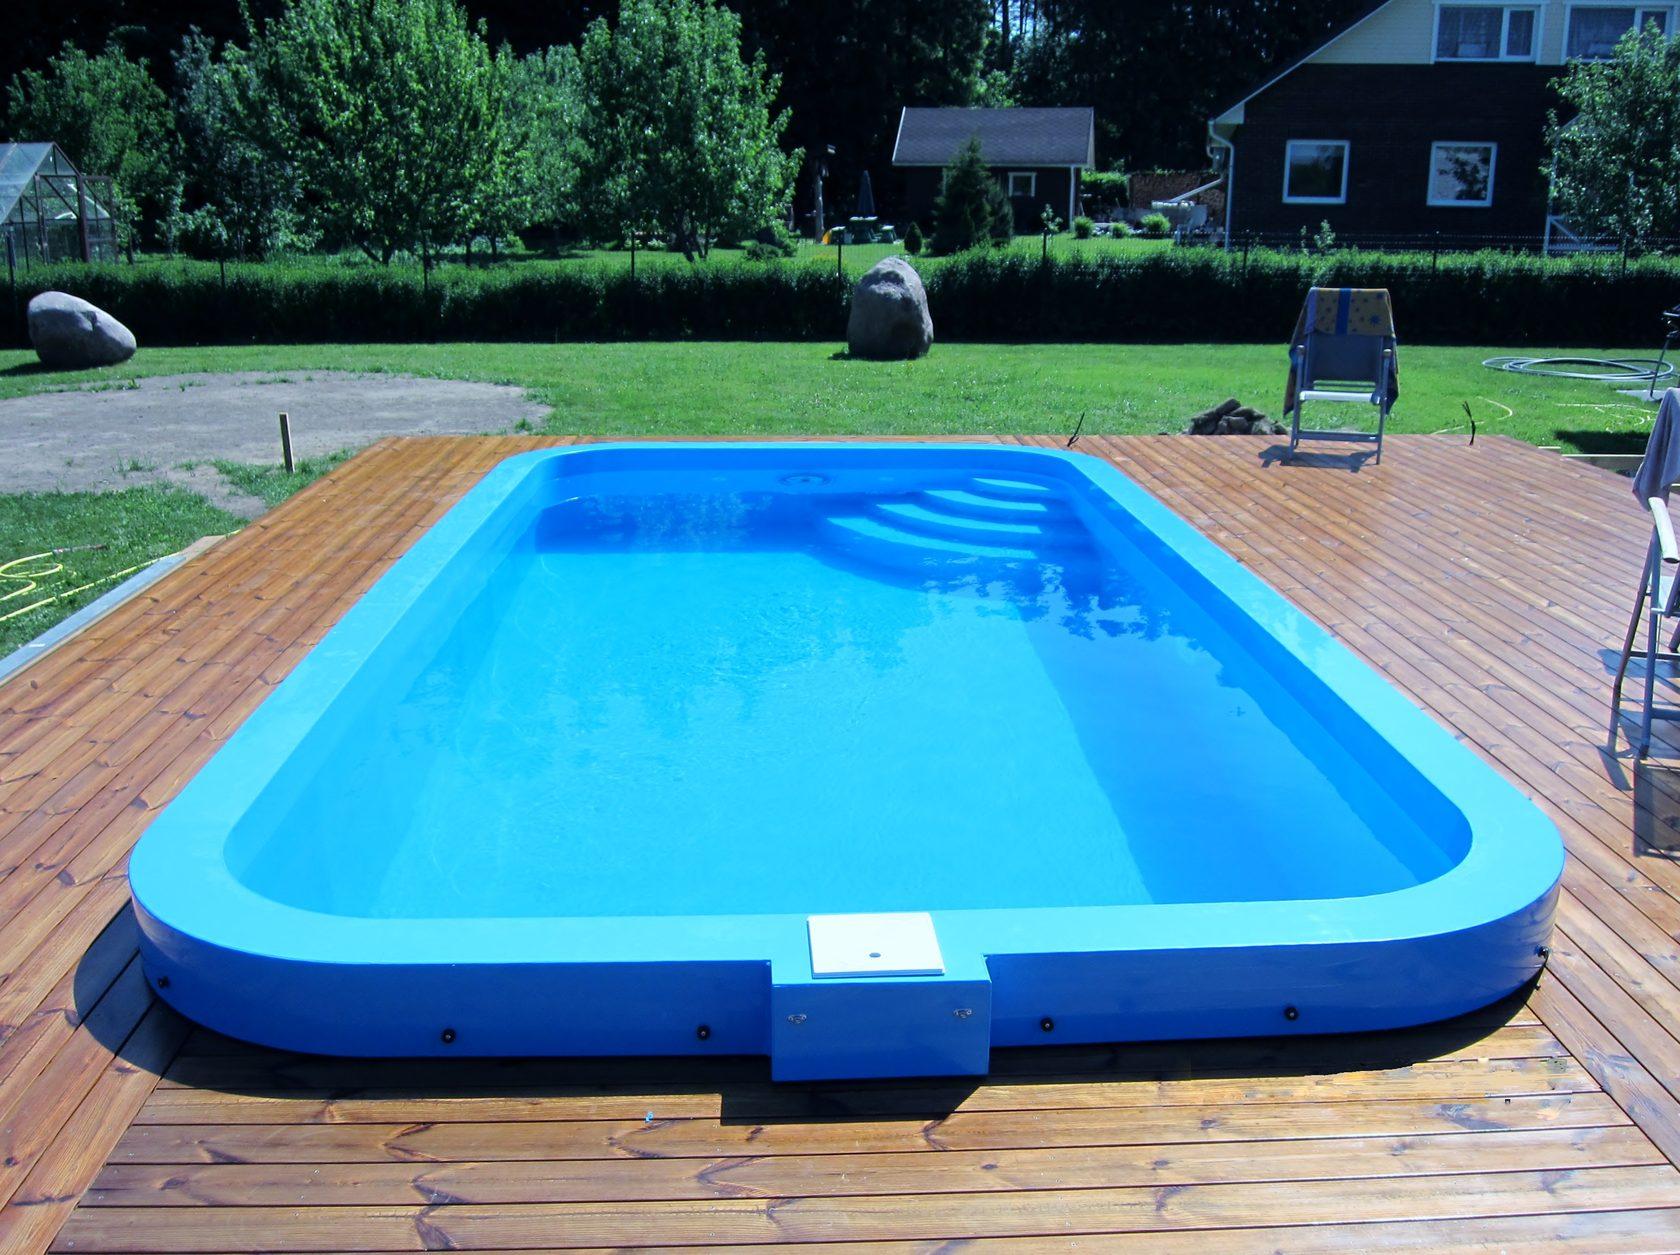 Как выглядит бассейн из полипропилена?